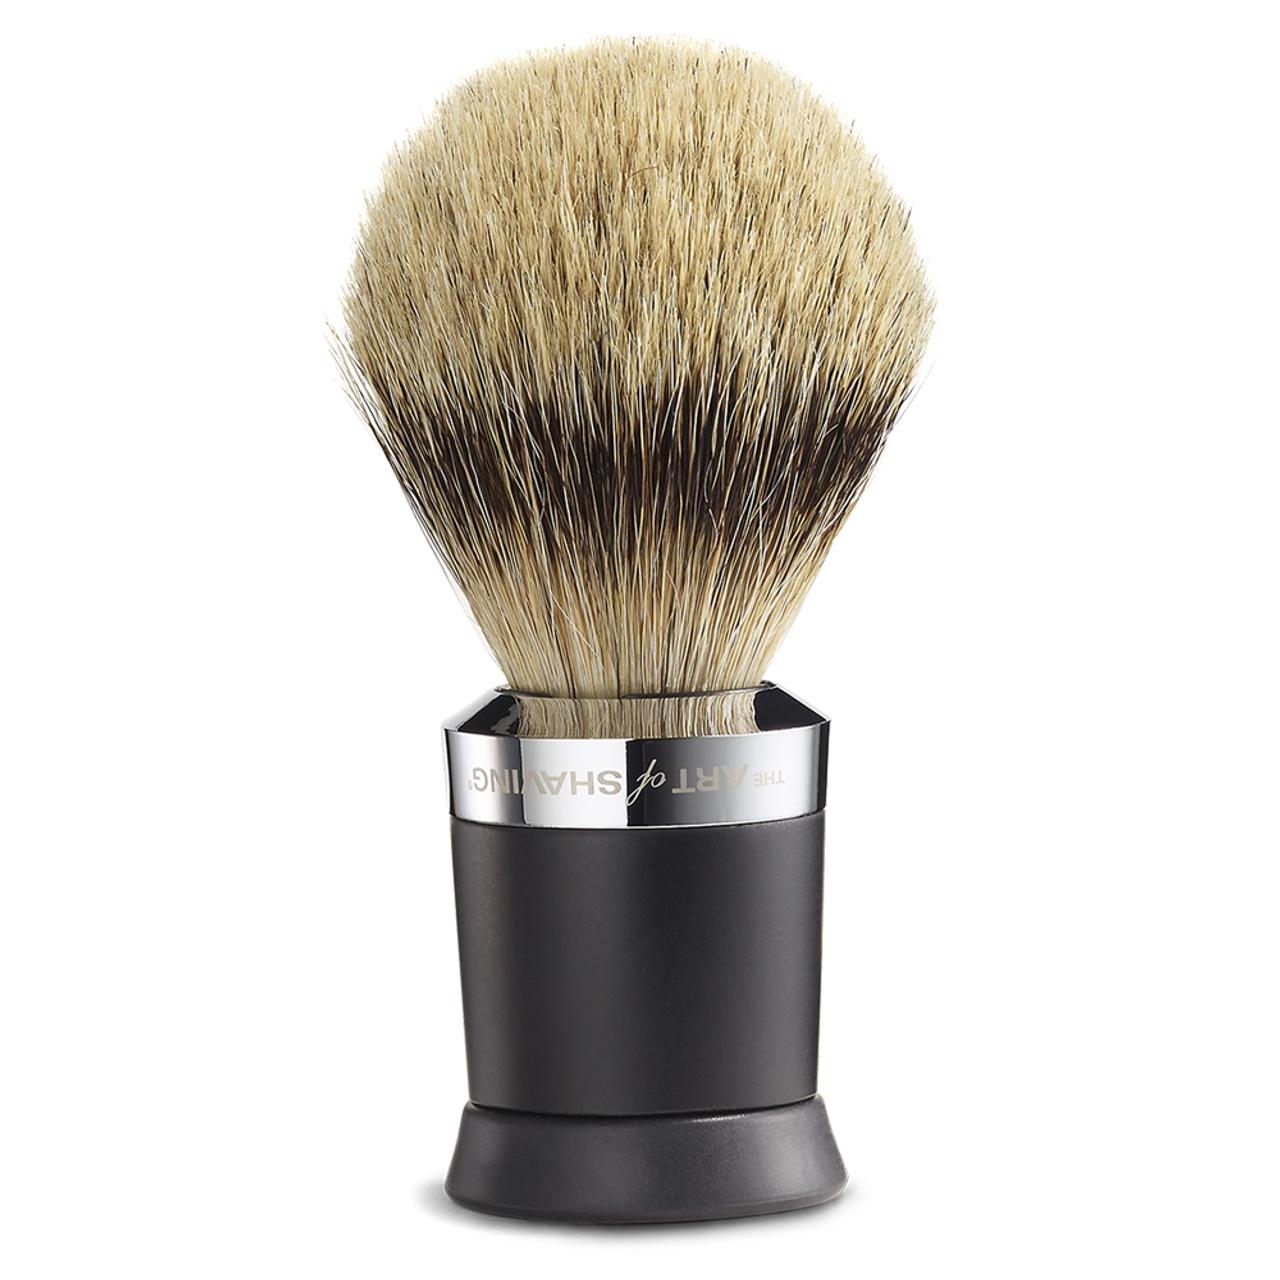 The Art of Shaving Shaving Brush - Lexington Collection